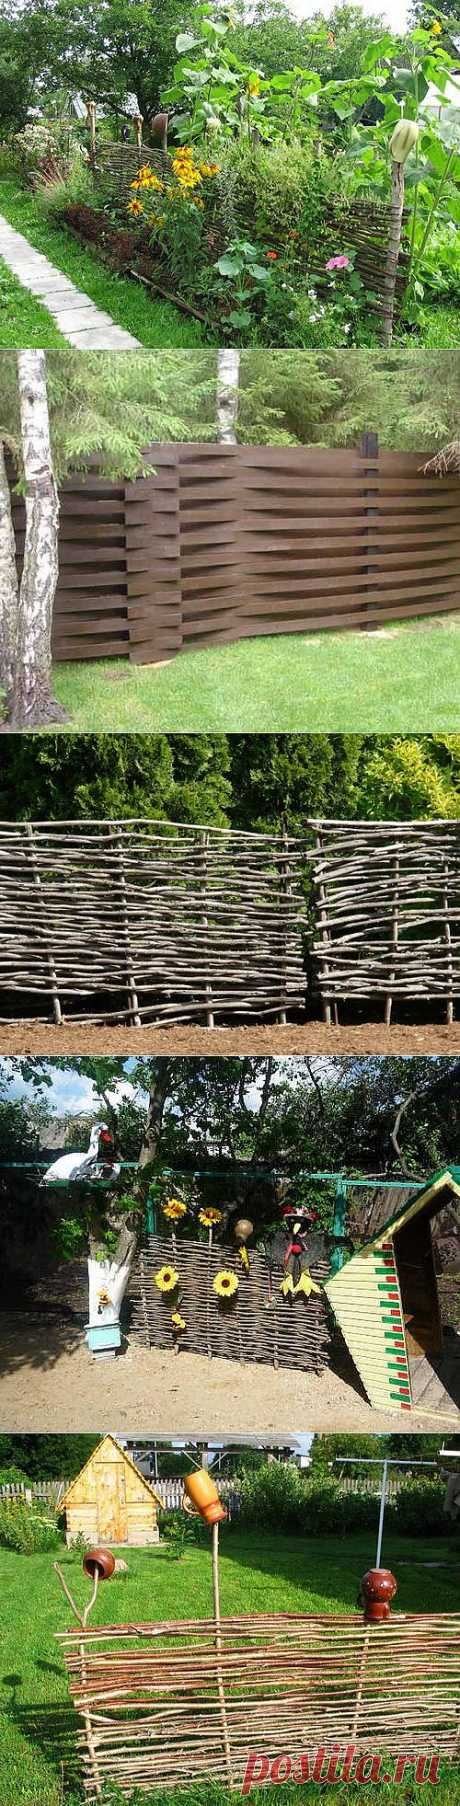 Плетеный забор своими руками: фото плетеных заборов | Дом Мечты